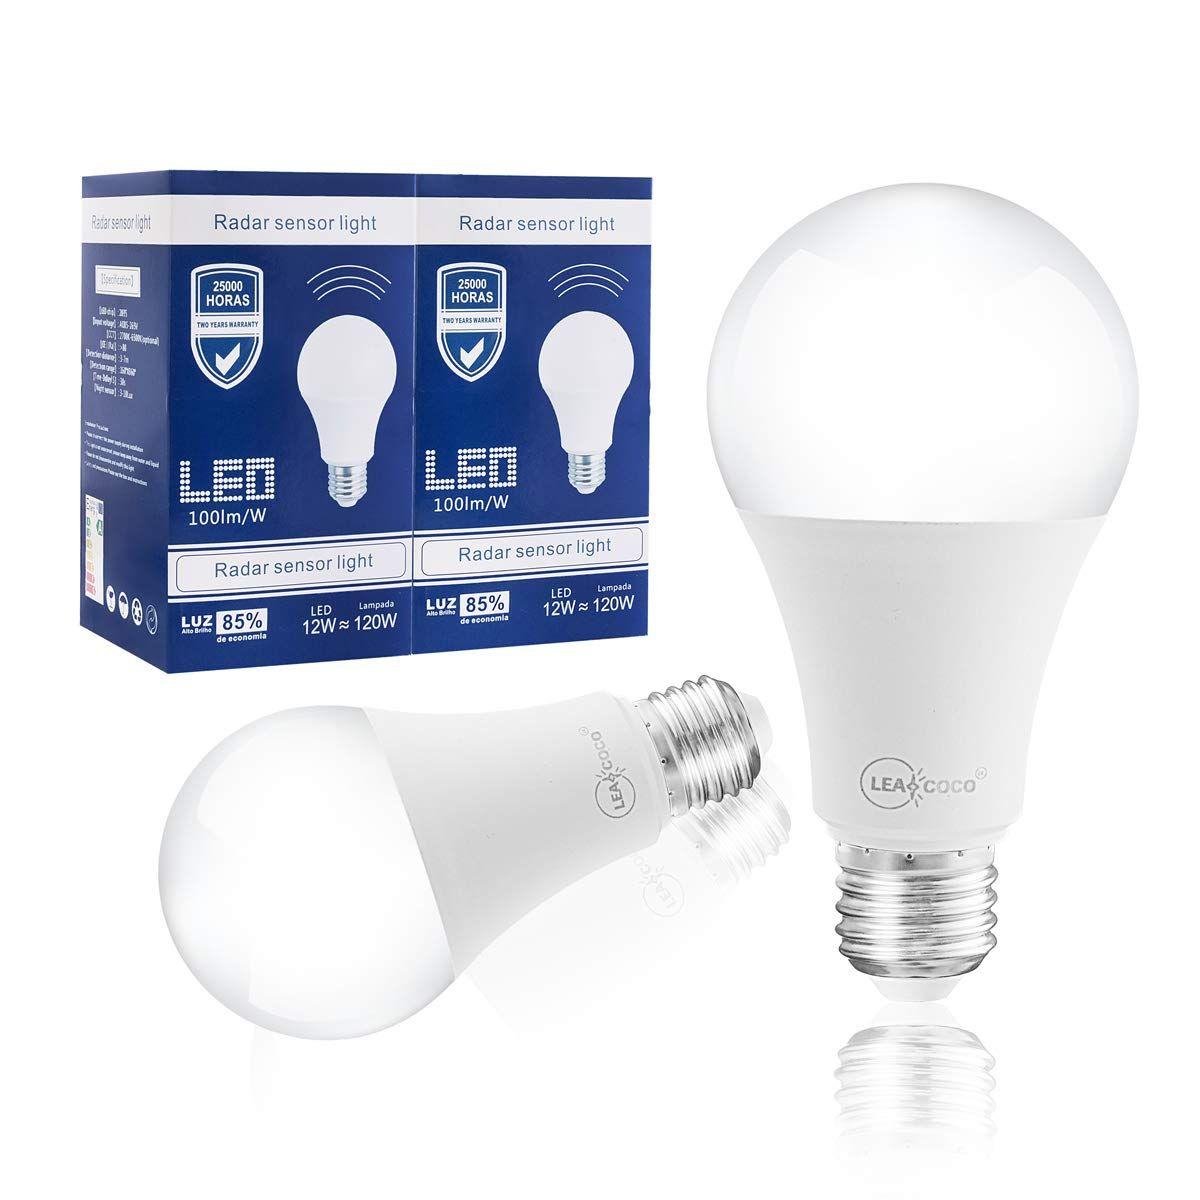 Motion Sensor Light Bulb 12w Dusk To Dawn Lighting Lamp 120w Equivalent Smart Bulb Radar Motion Sensor Light Bulbs With Images Light Sensor Motion Sensor Lights Light Bulb